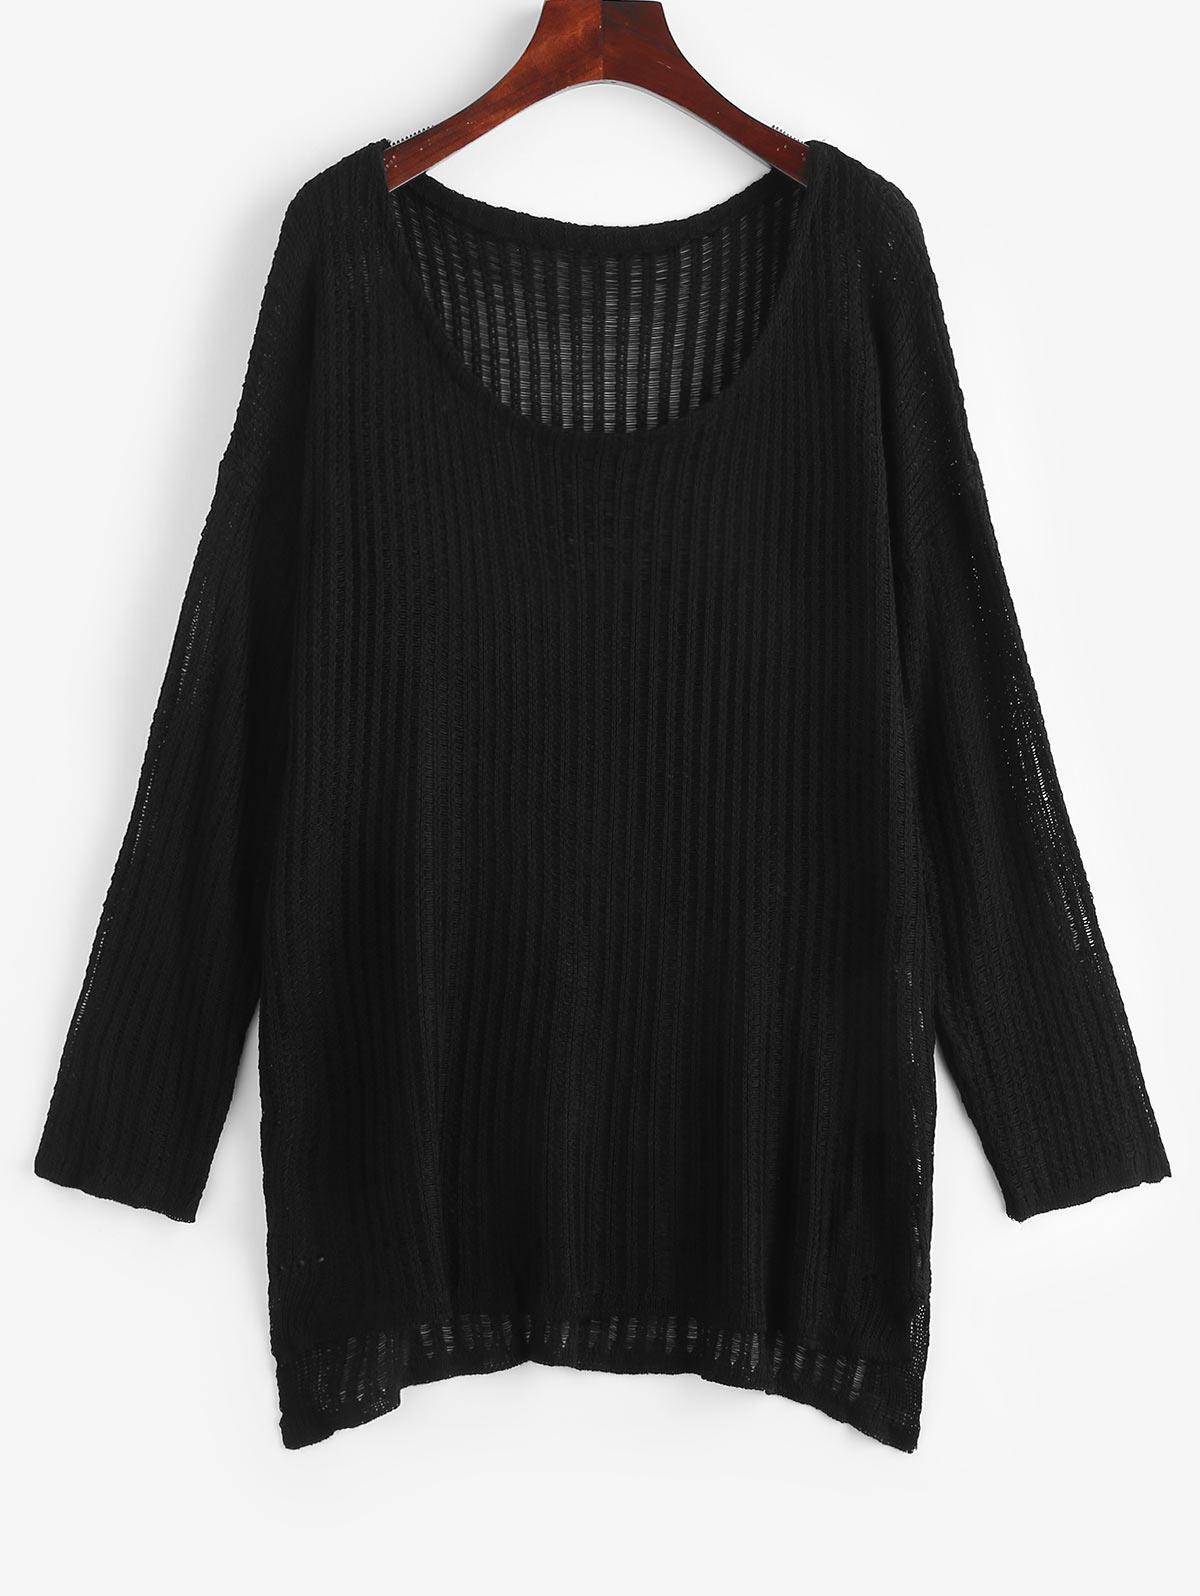 Haut Tunique au Crochet Taille unique - Zaful FR - Modalova